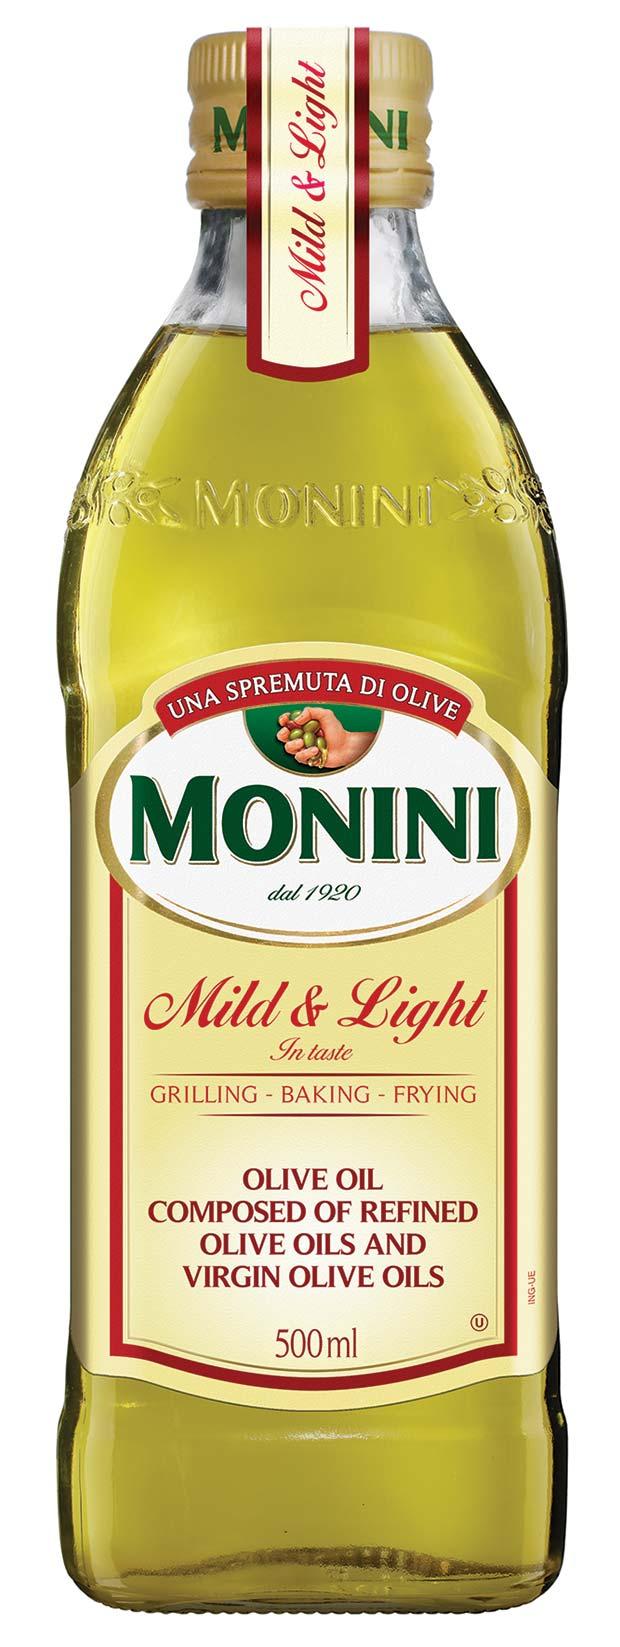 MN020-Mild-&-Light-500ml